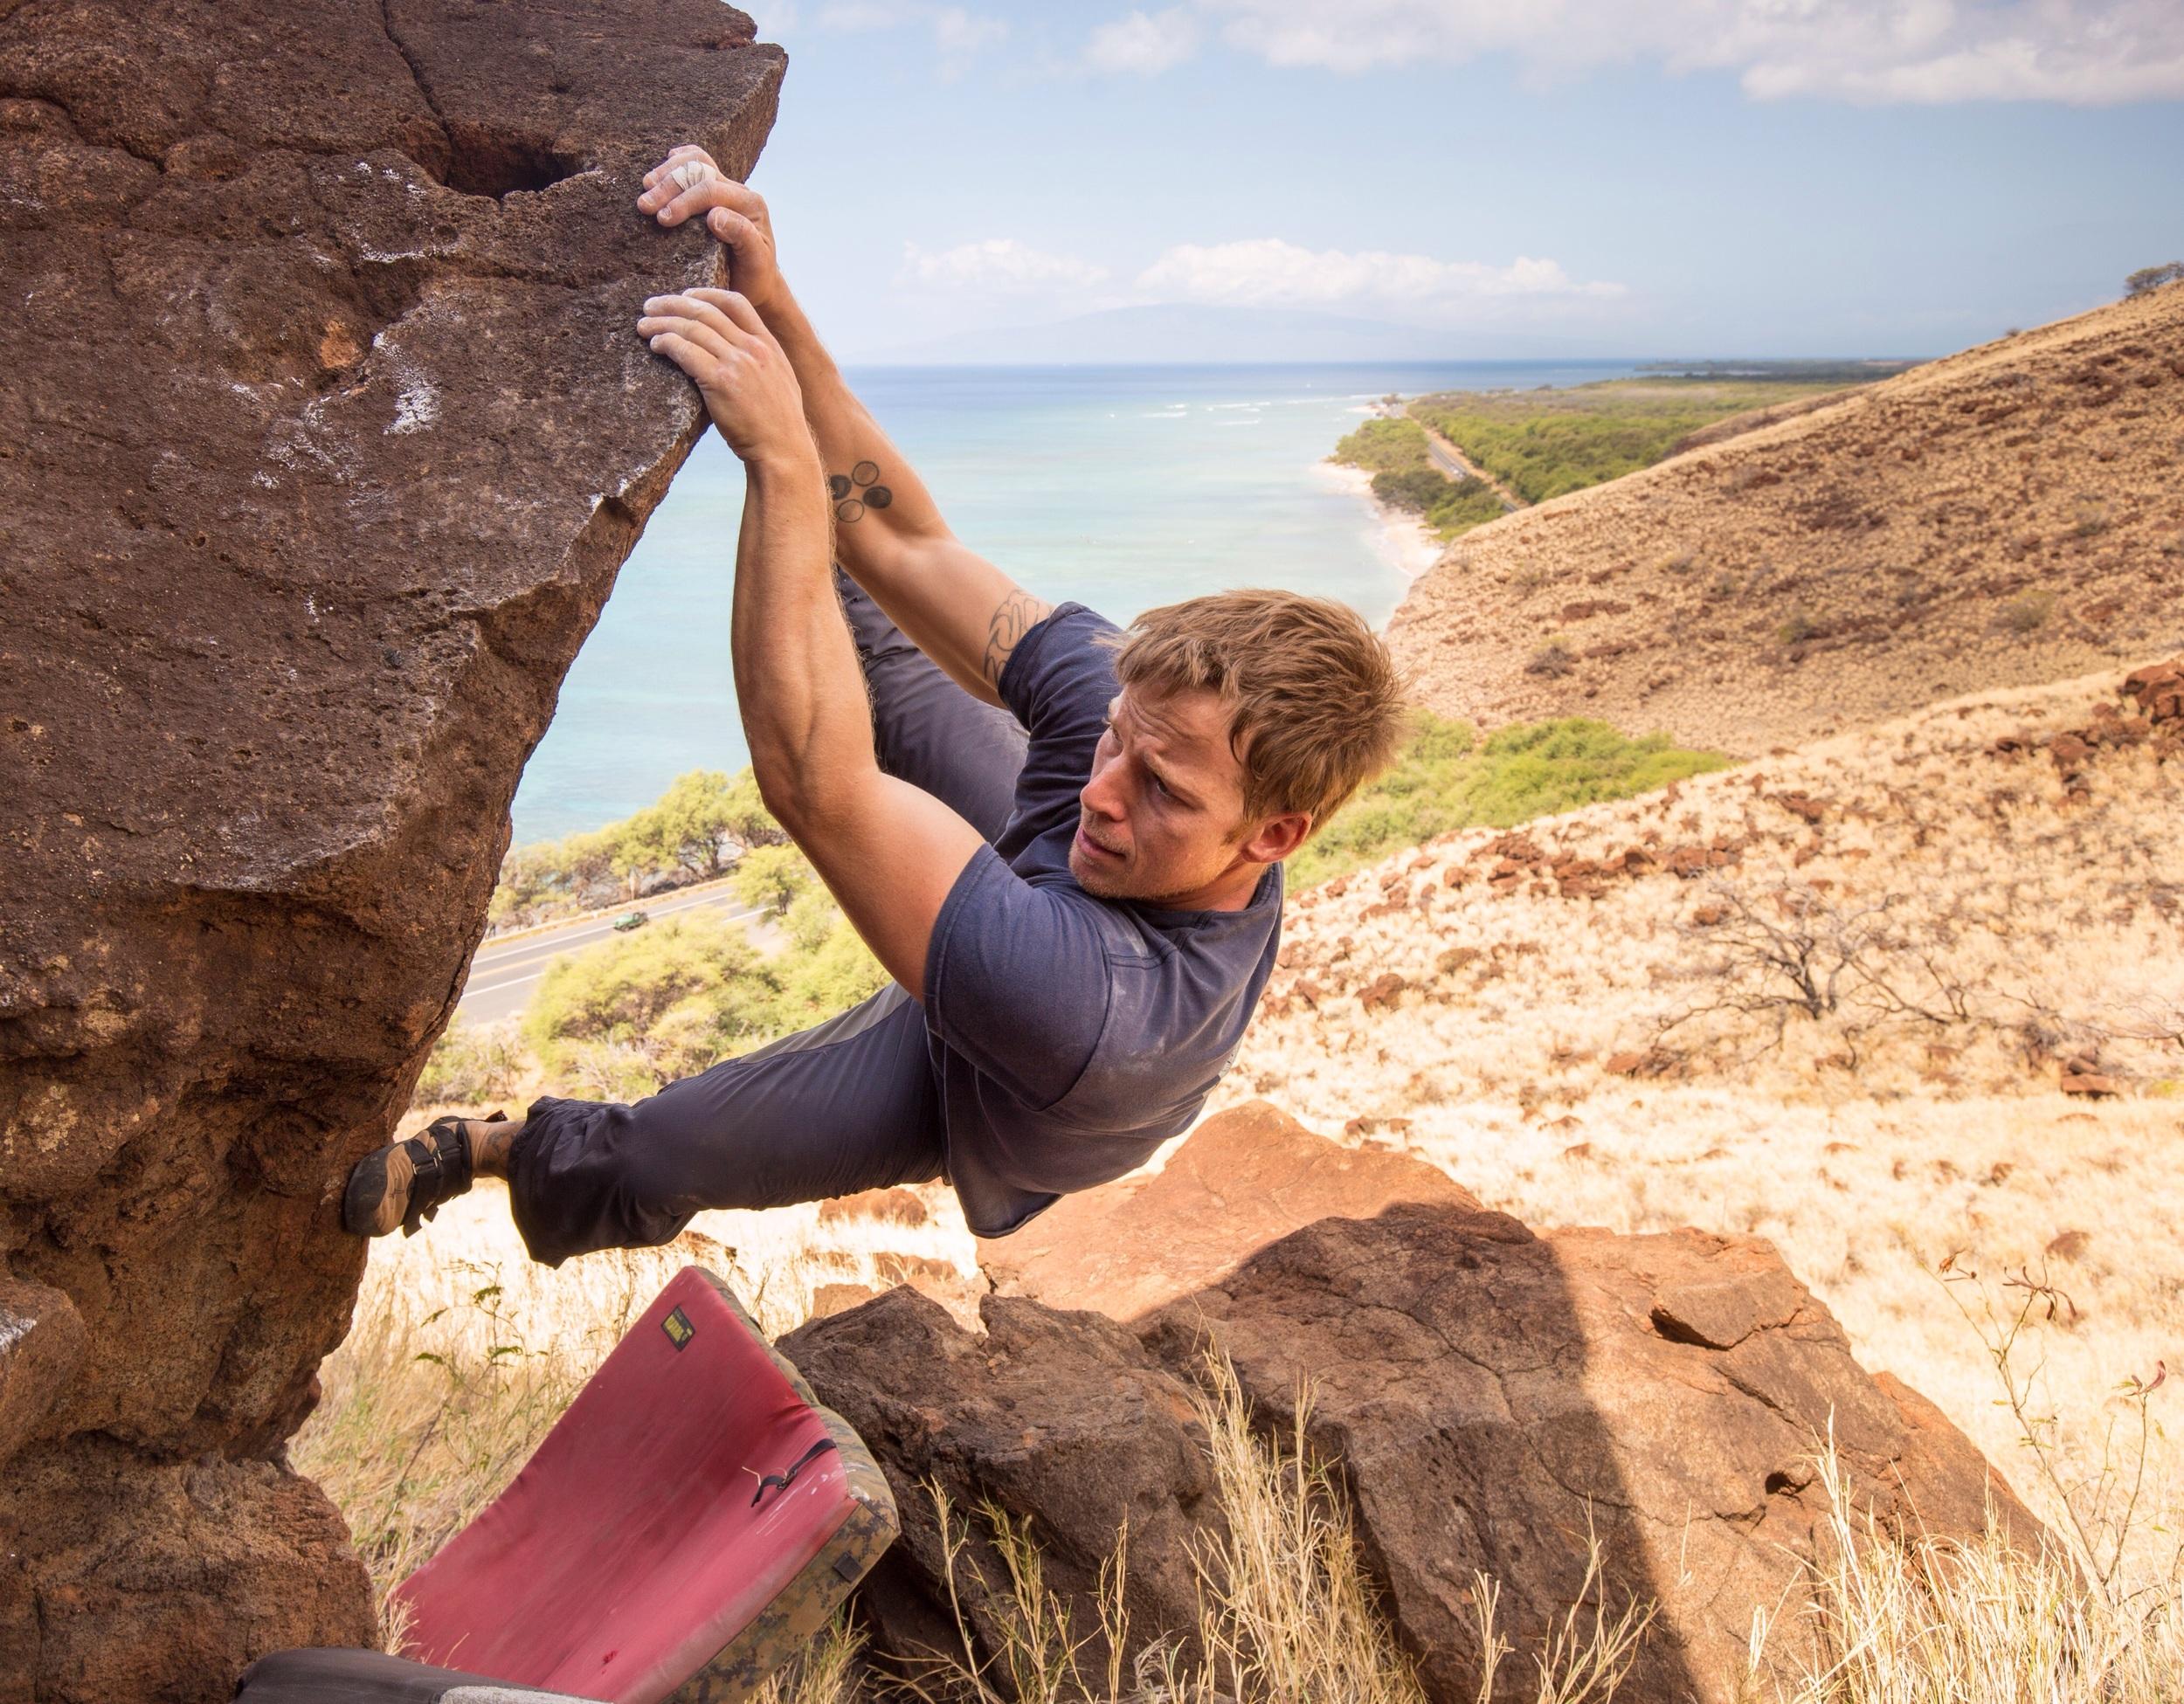 Matt Stelmach at the Pali boulders, near Lahaina. Matt's one of Maui's earliest developers. PC: Drew